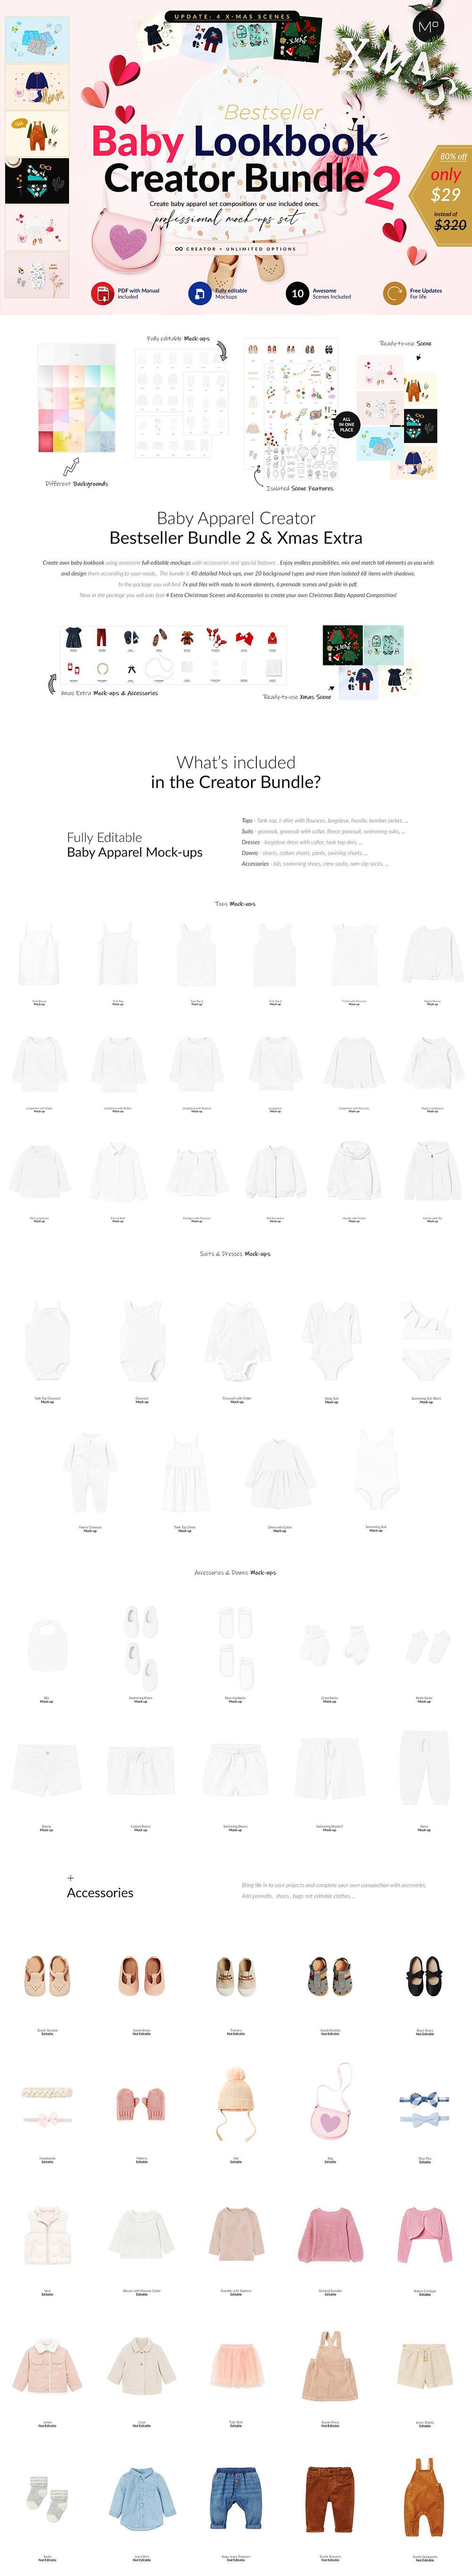 婴儿服装创造者婴儿服饰合集-Baby Lookbook Creator Bundle 2